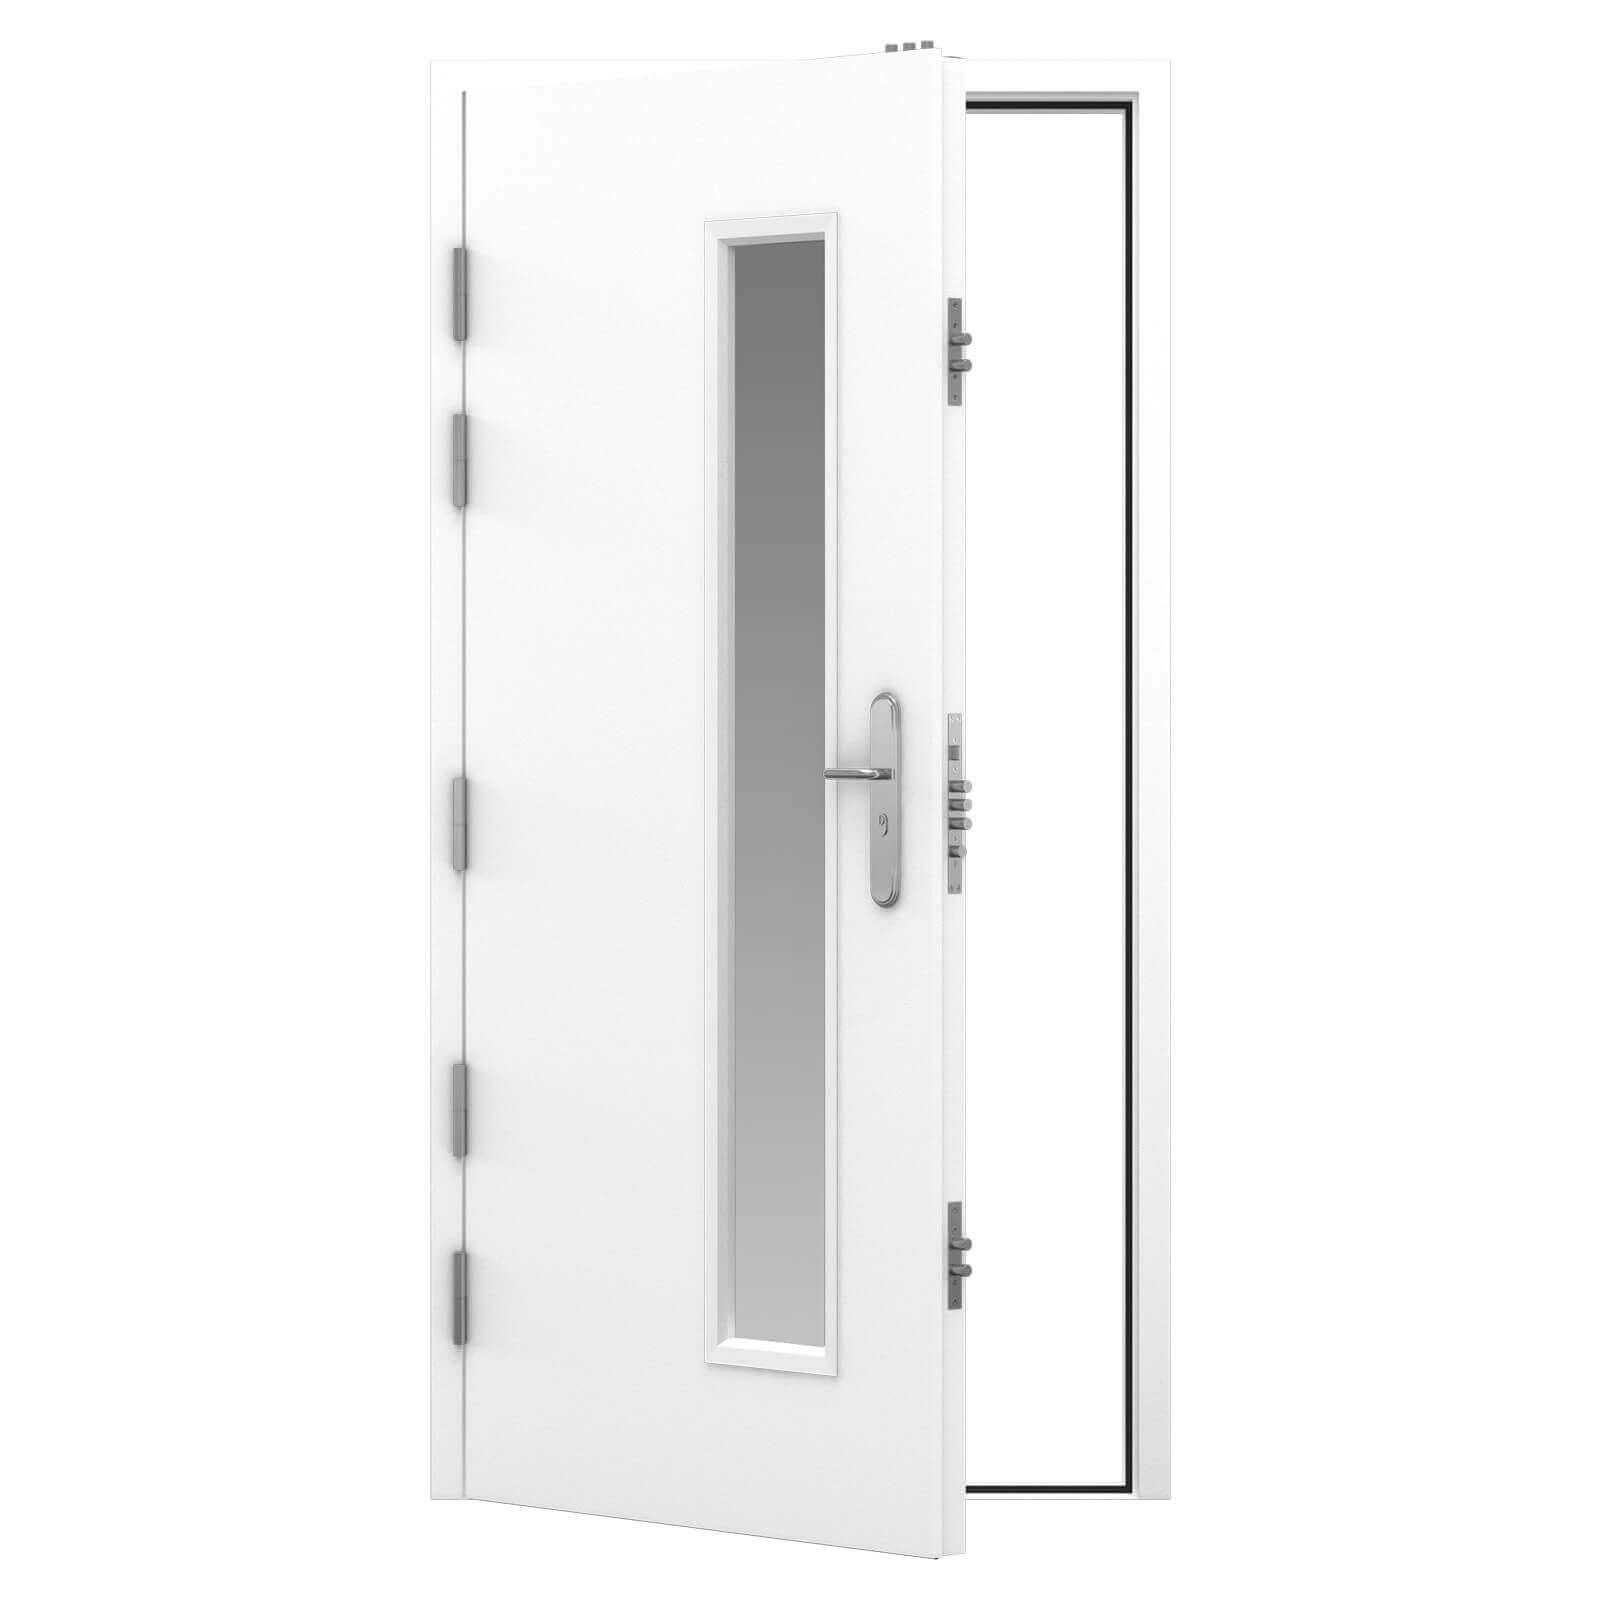 Security Steel Door - Ultra Duty | Latham's Steel Doors